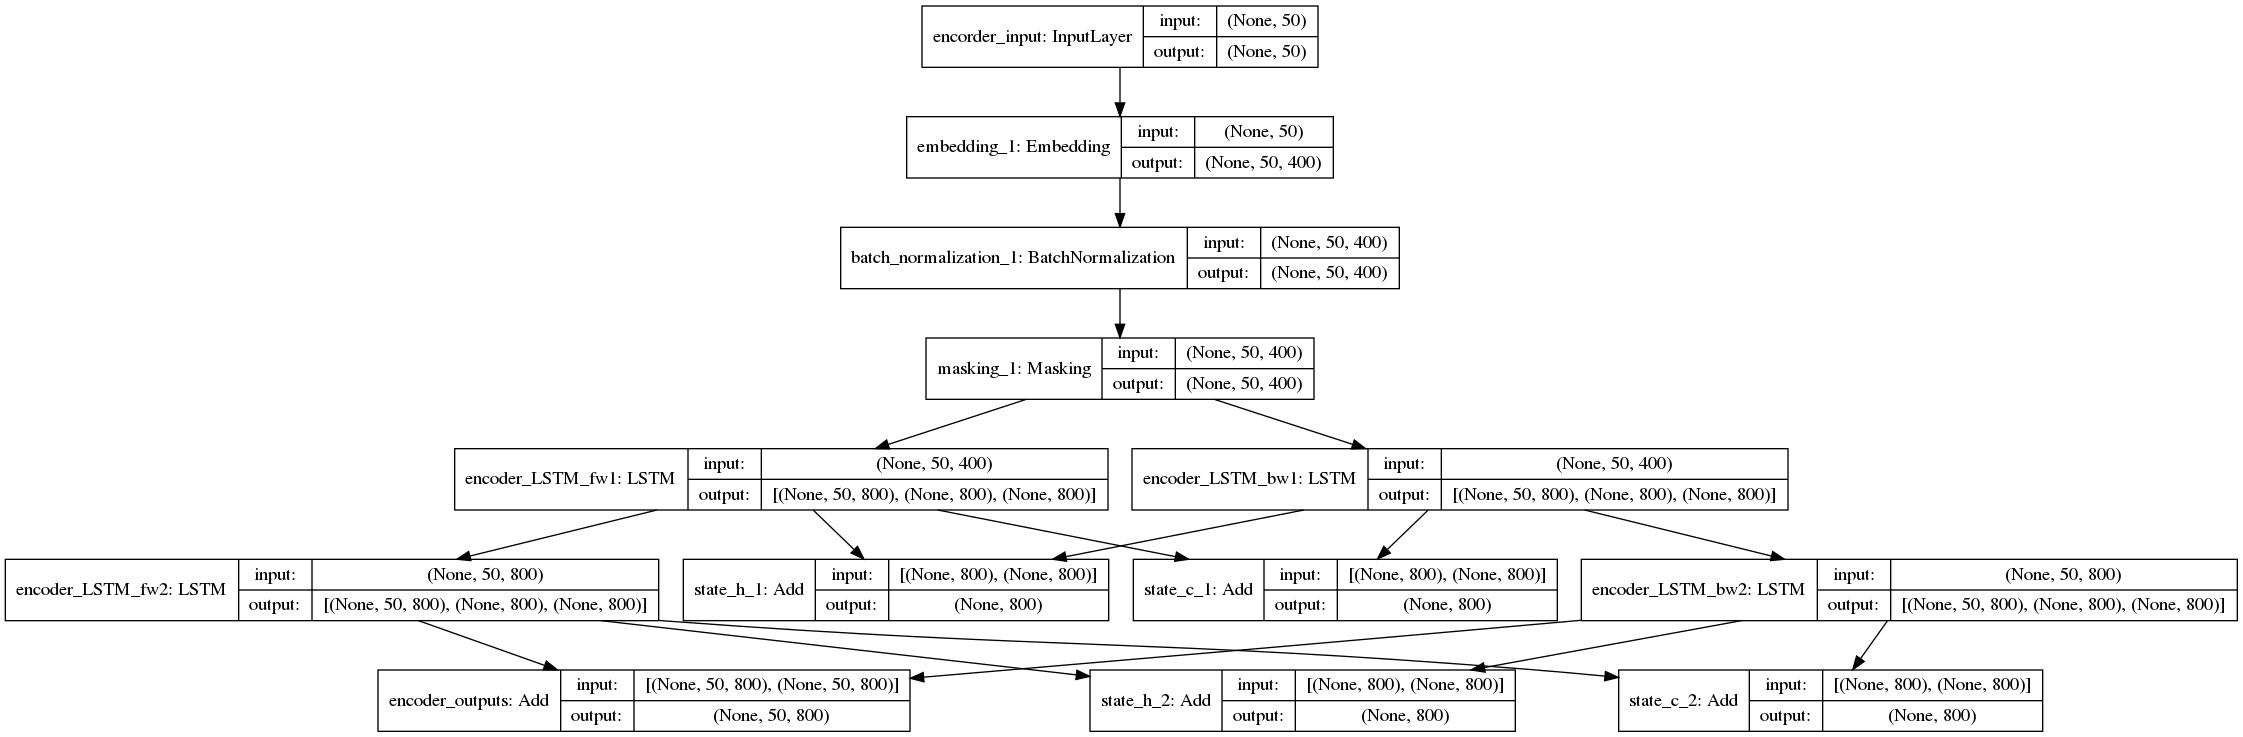 seq2seq0212_encoder.png